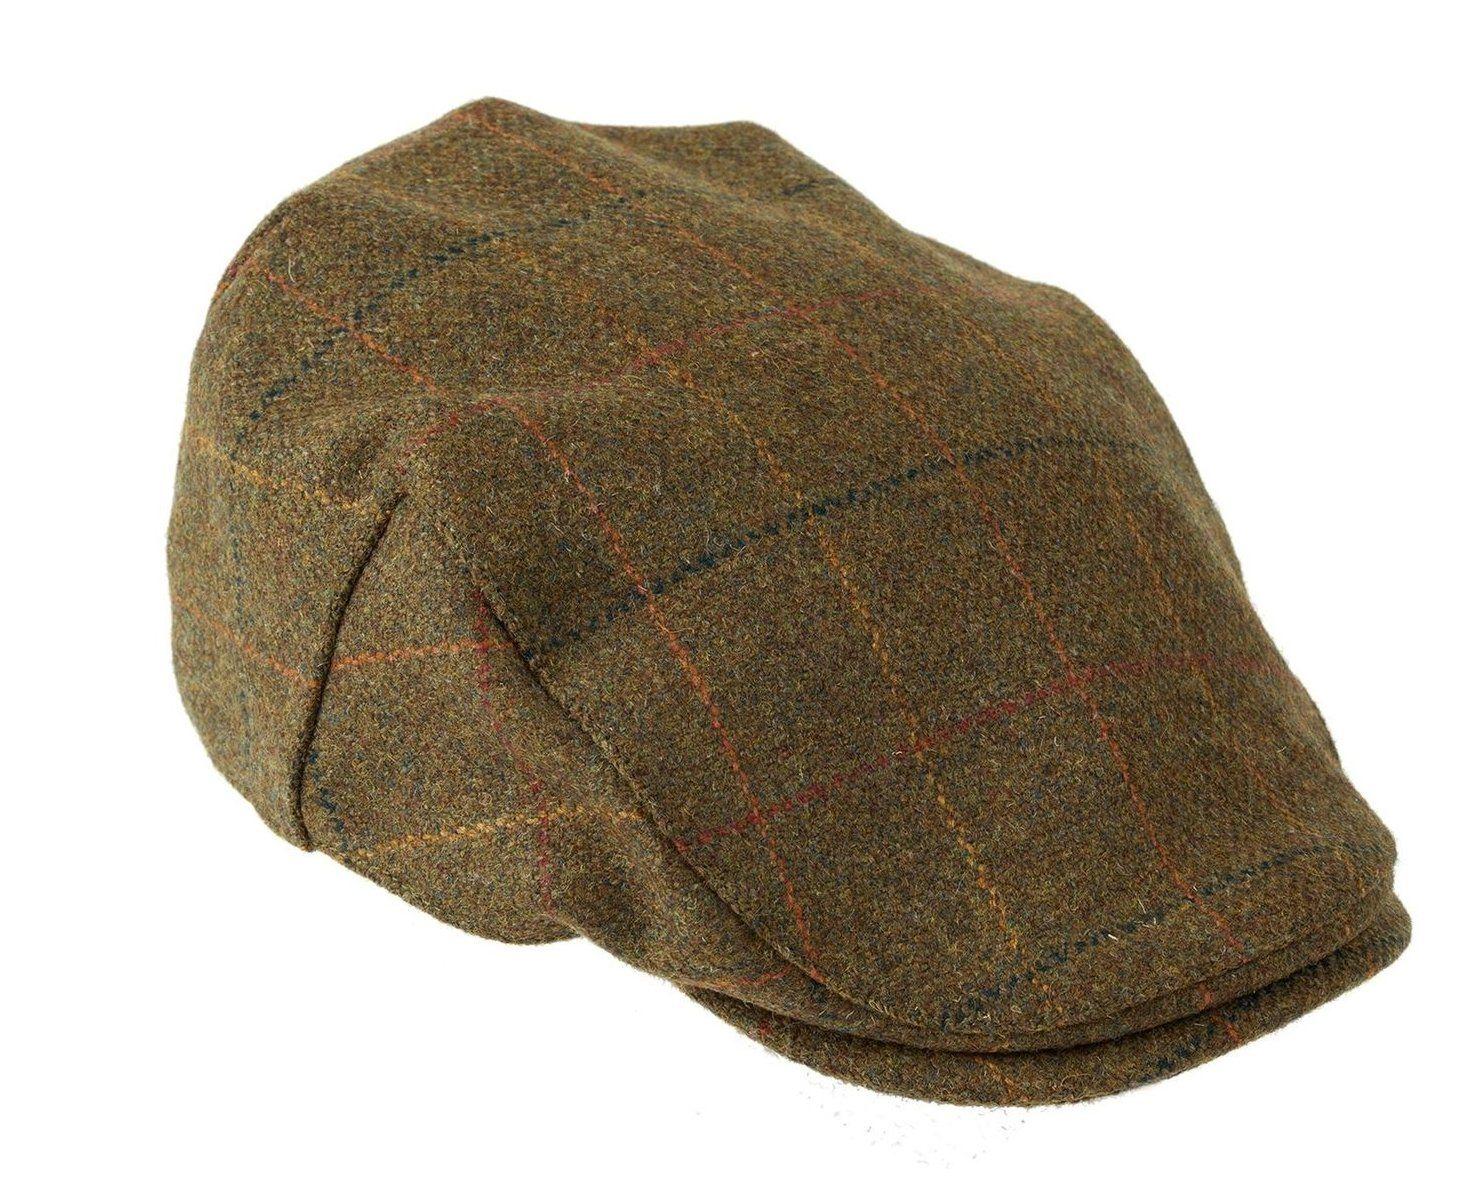 Shetland Wool Kinloch Waterproof Tweed Flat Cap in Brown with Check Pattern  by Heather Hats Shetland 1cf2c50b80e